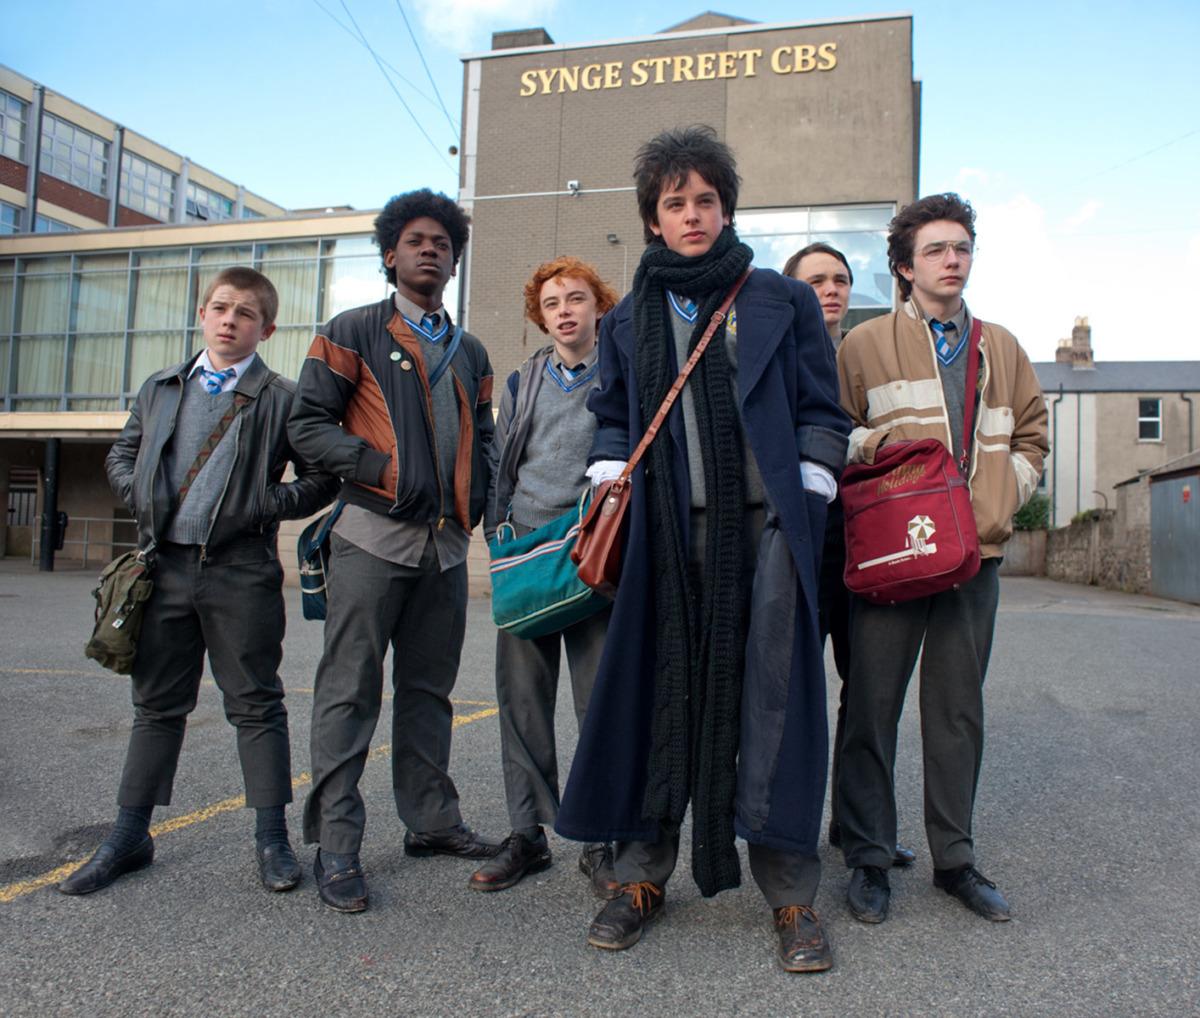 irlanda'da çekilen filmler - sing street